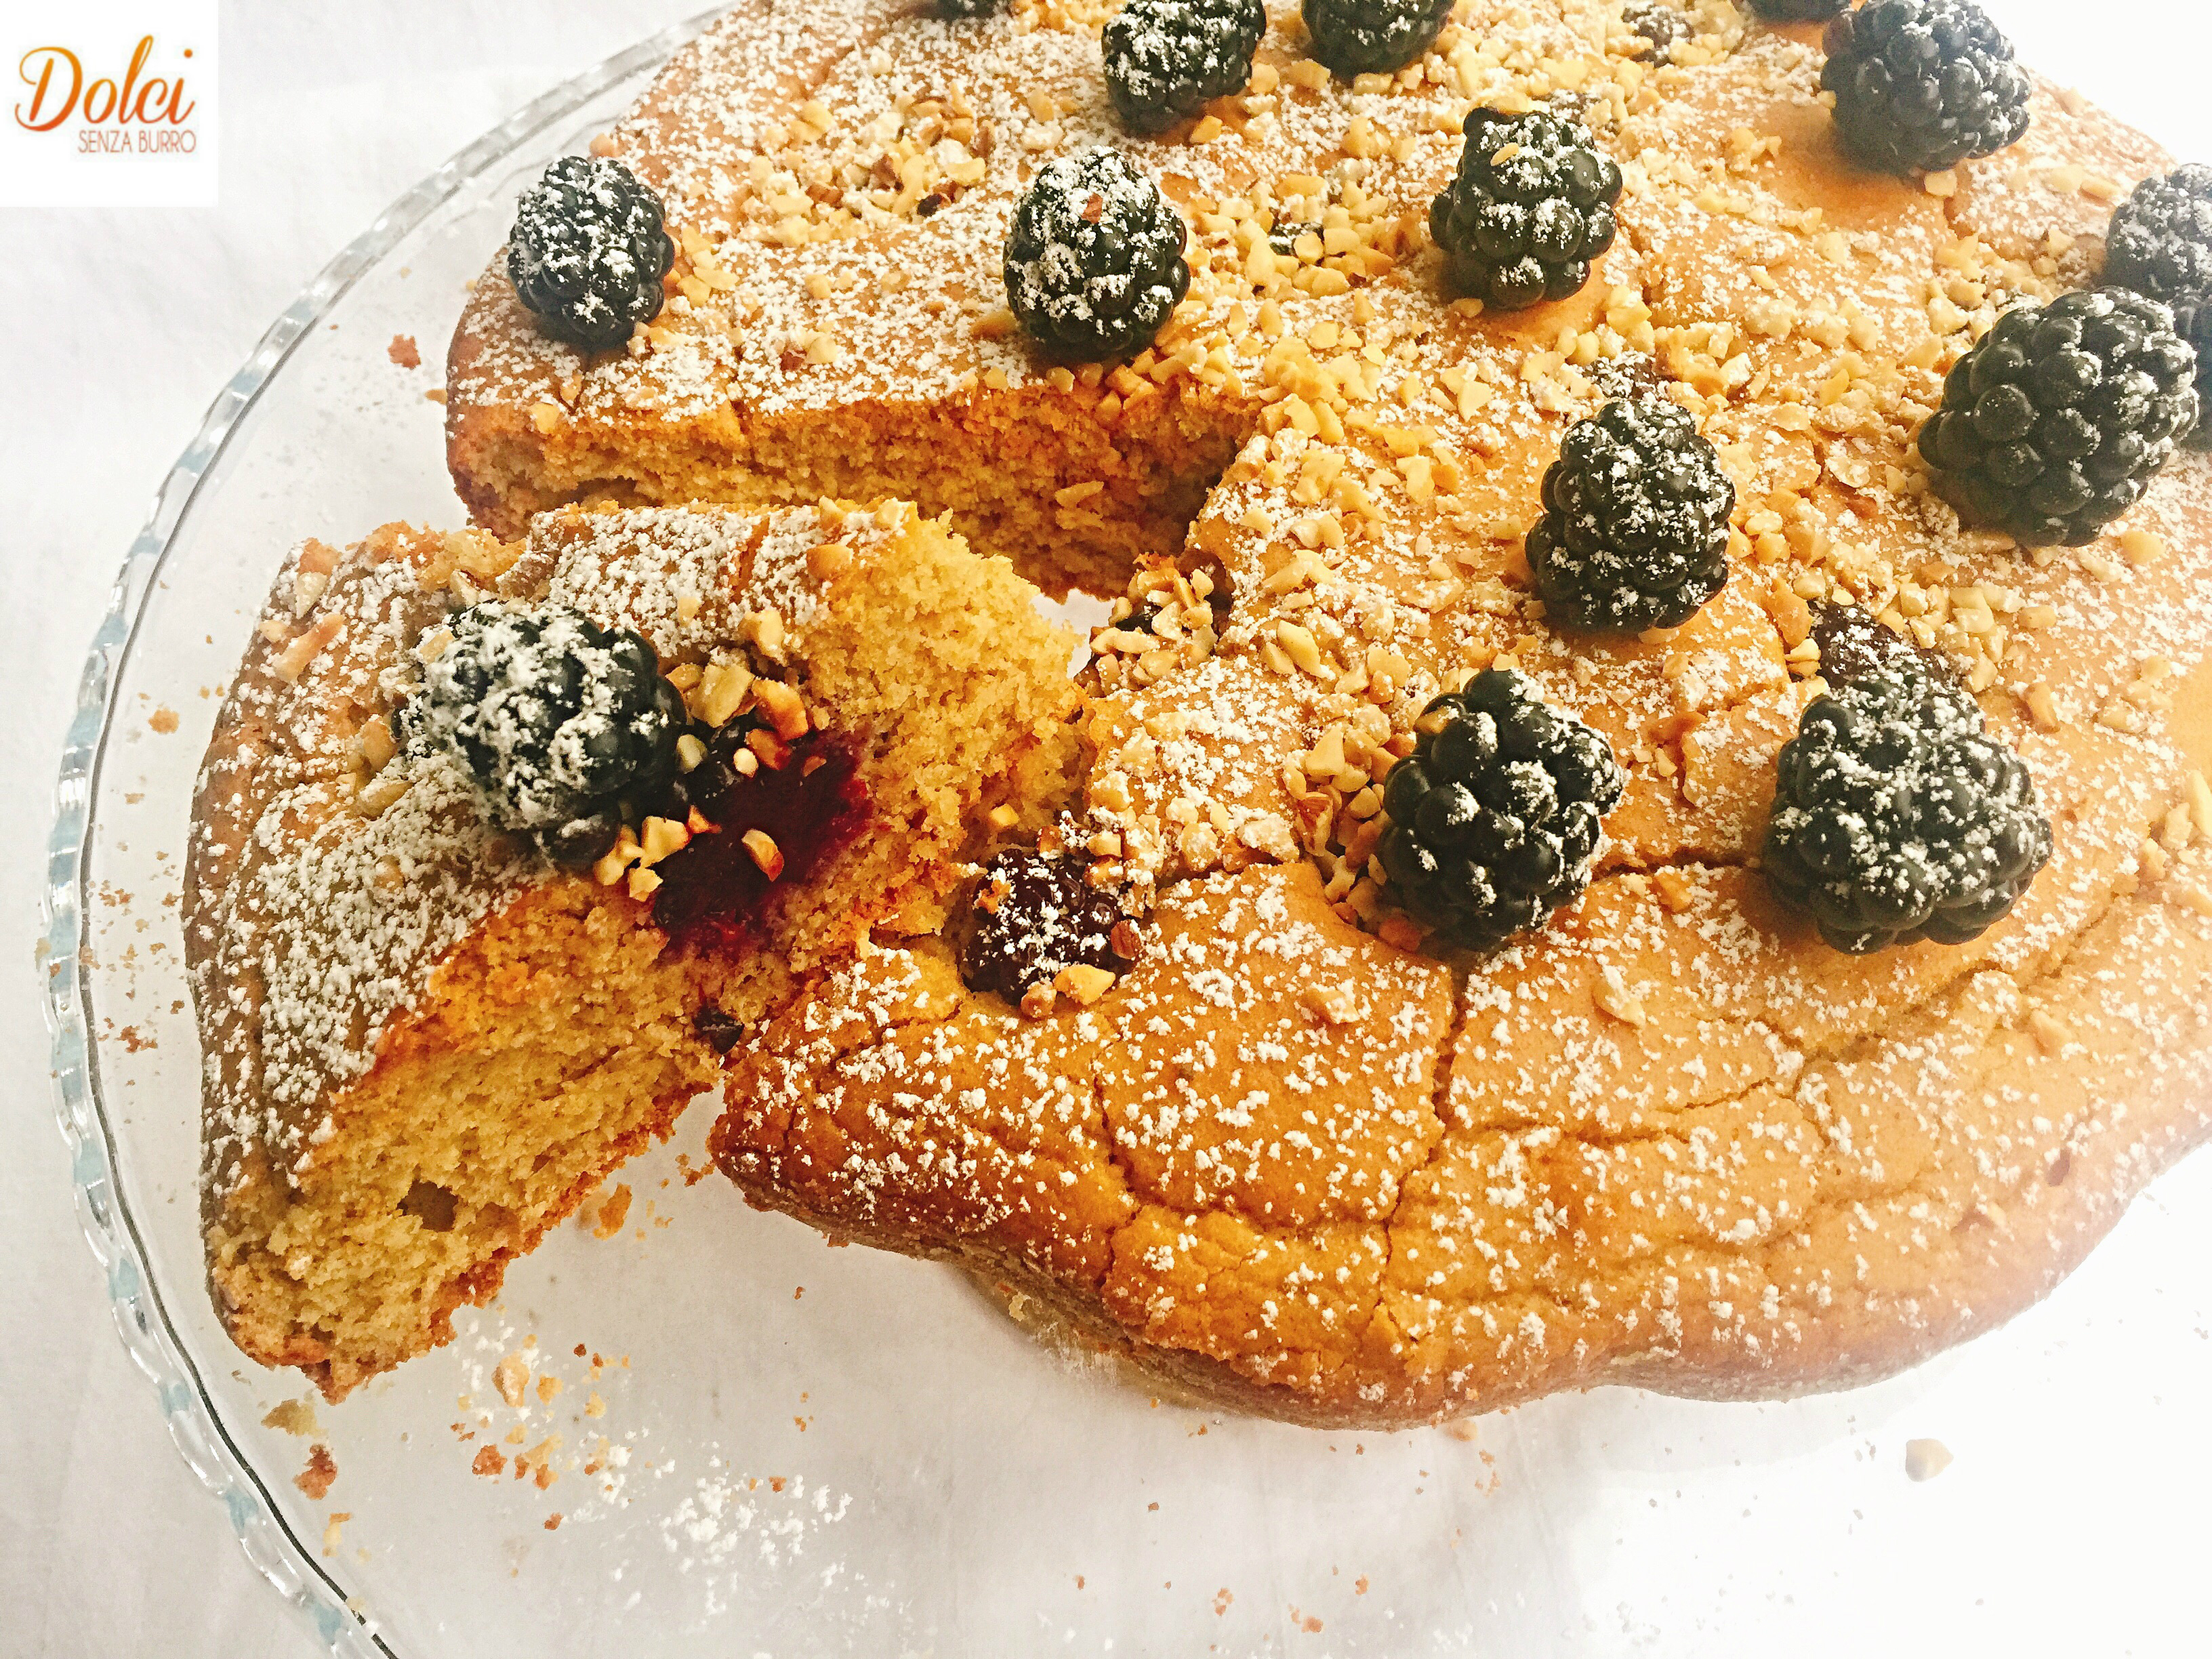 Torta di More Avena e Nocciole Senza Burro sana leggera e golosa di dolci senza burro